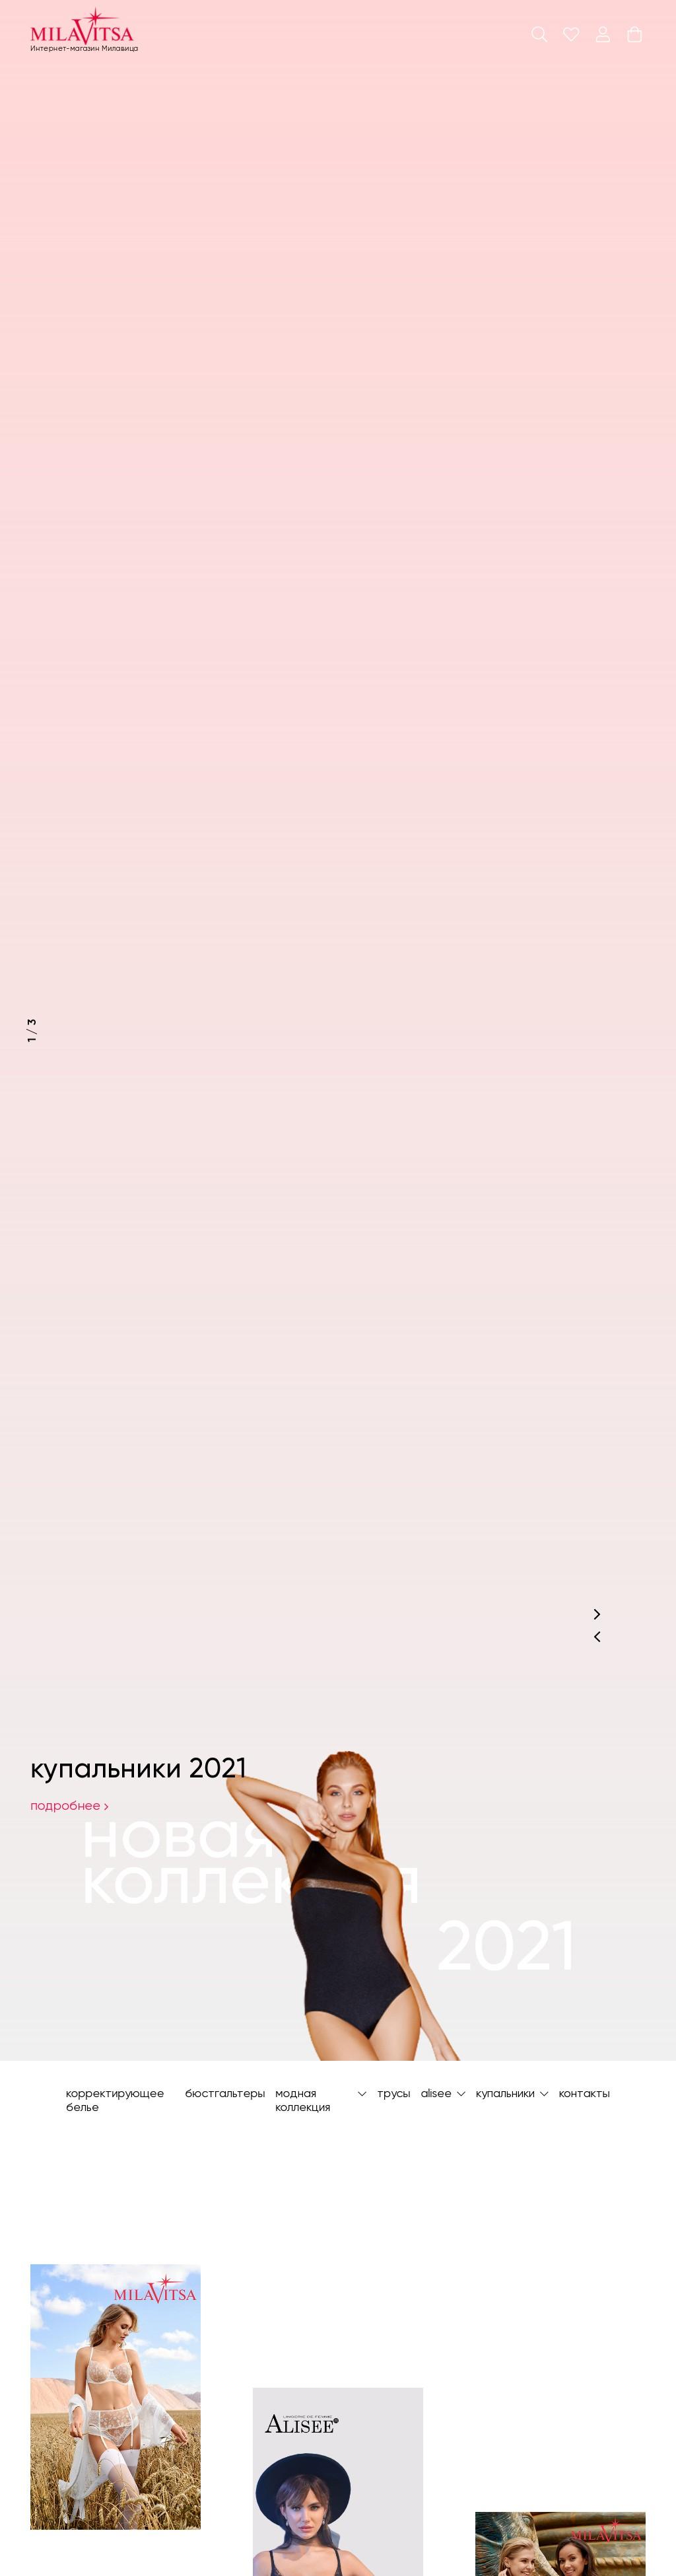 A20e9e5242